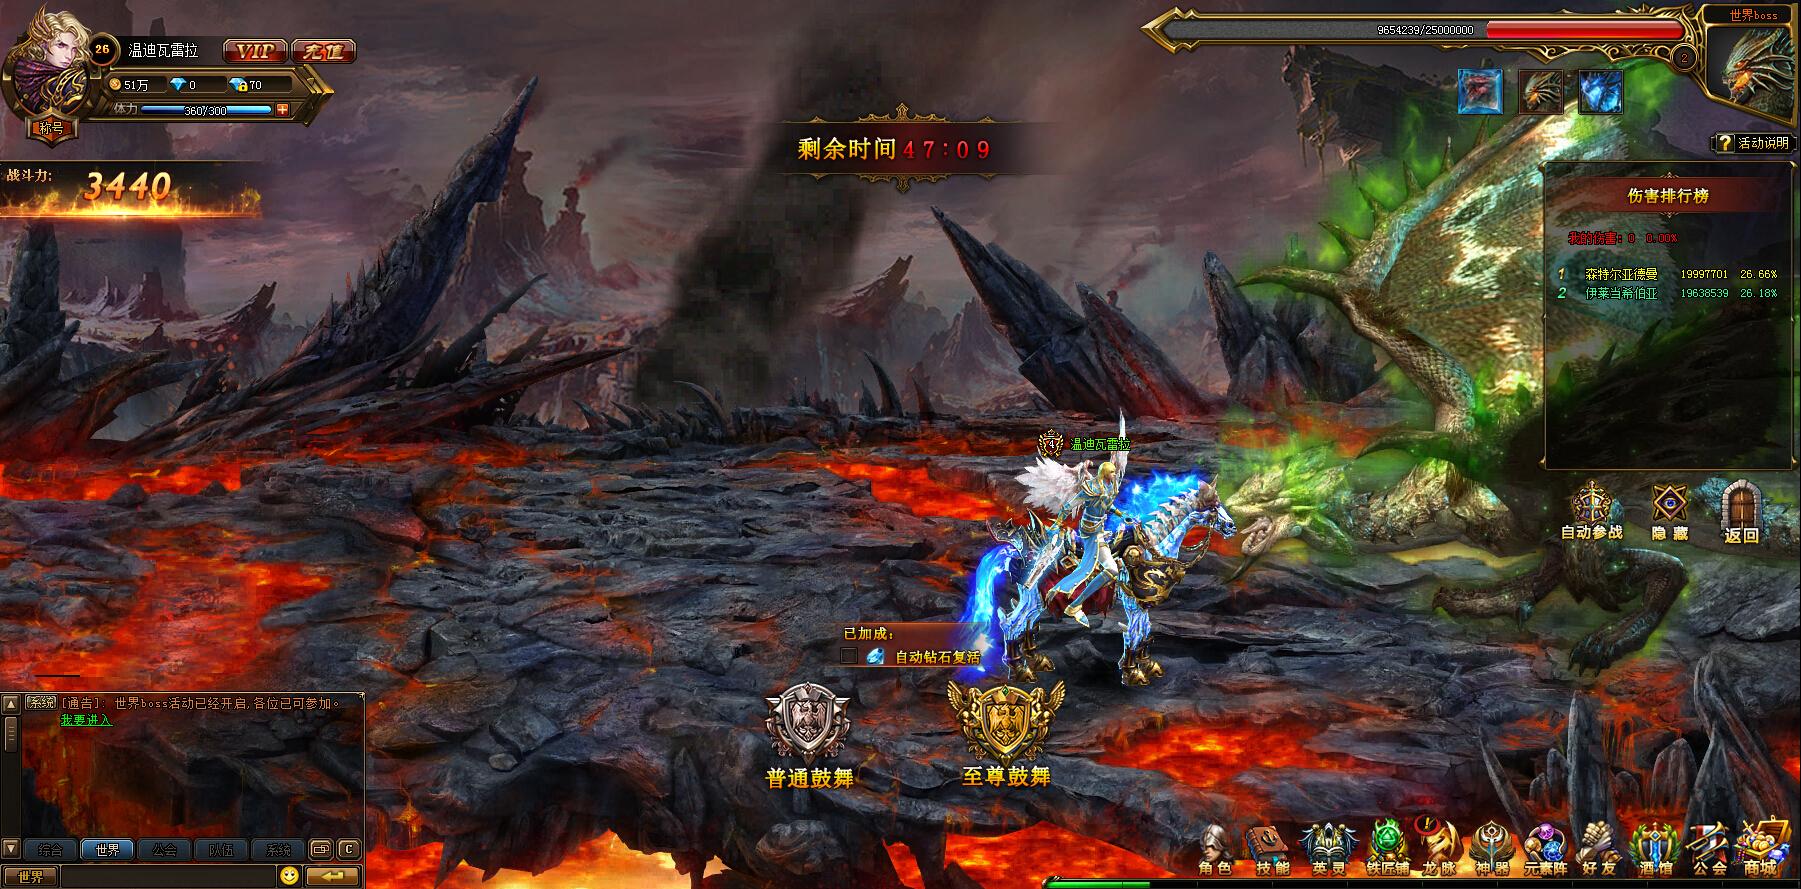 《龙之地下城》游戏截图